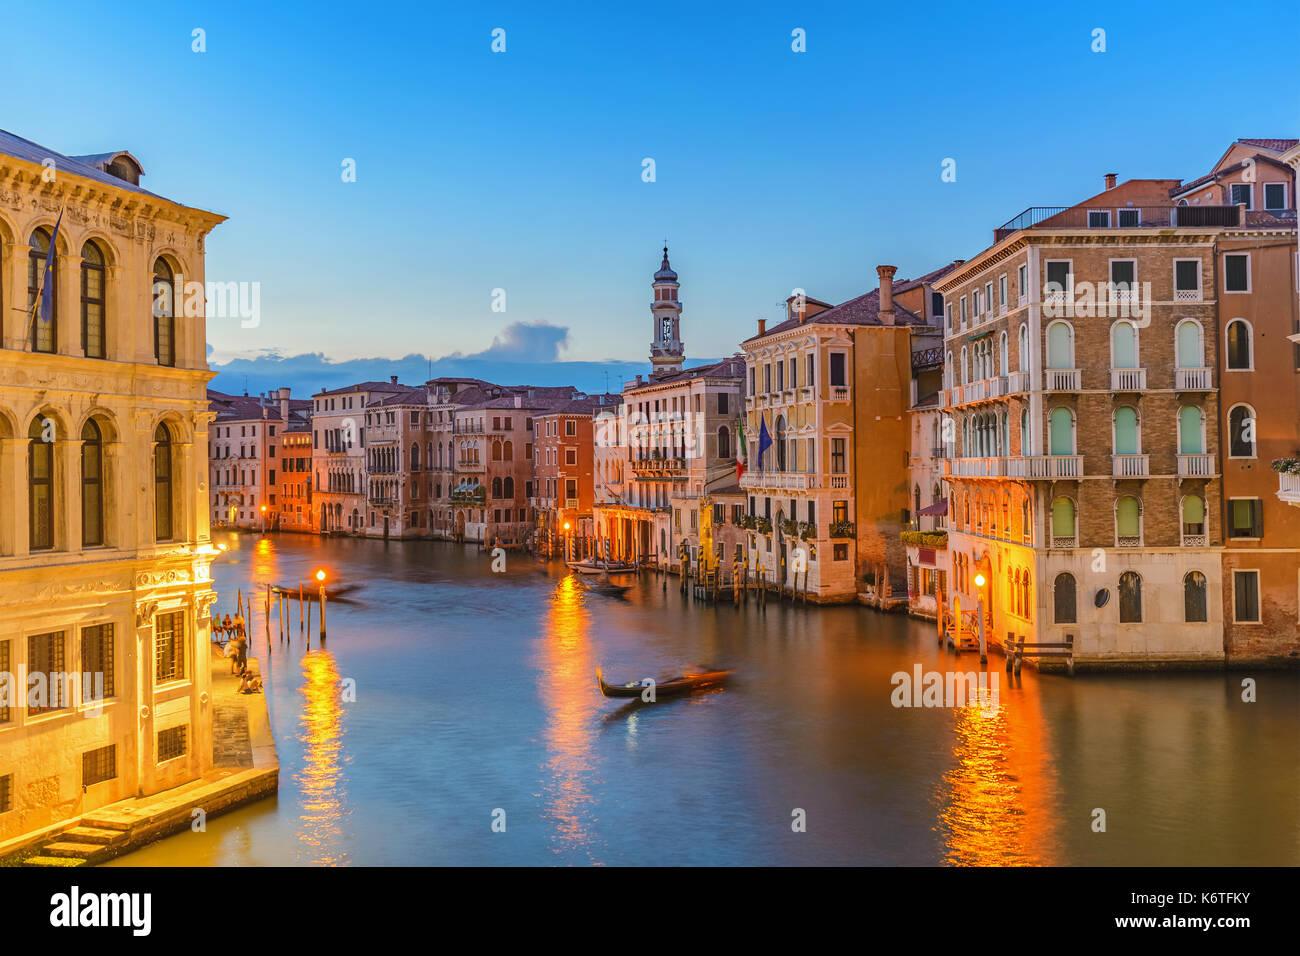 Venedig Sonnenuntergang Skyline am Grand Canal in Venedig (Venezia), Italien Stockbild